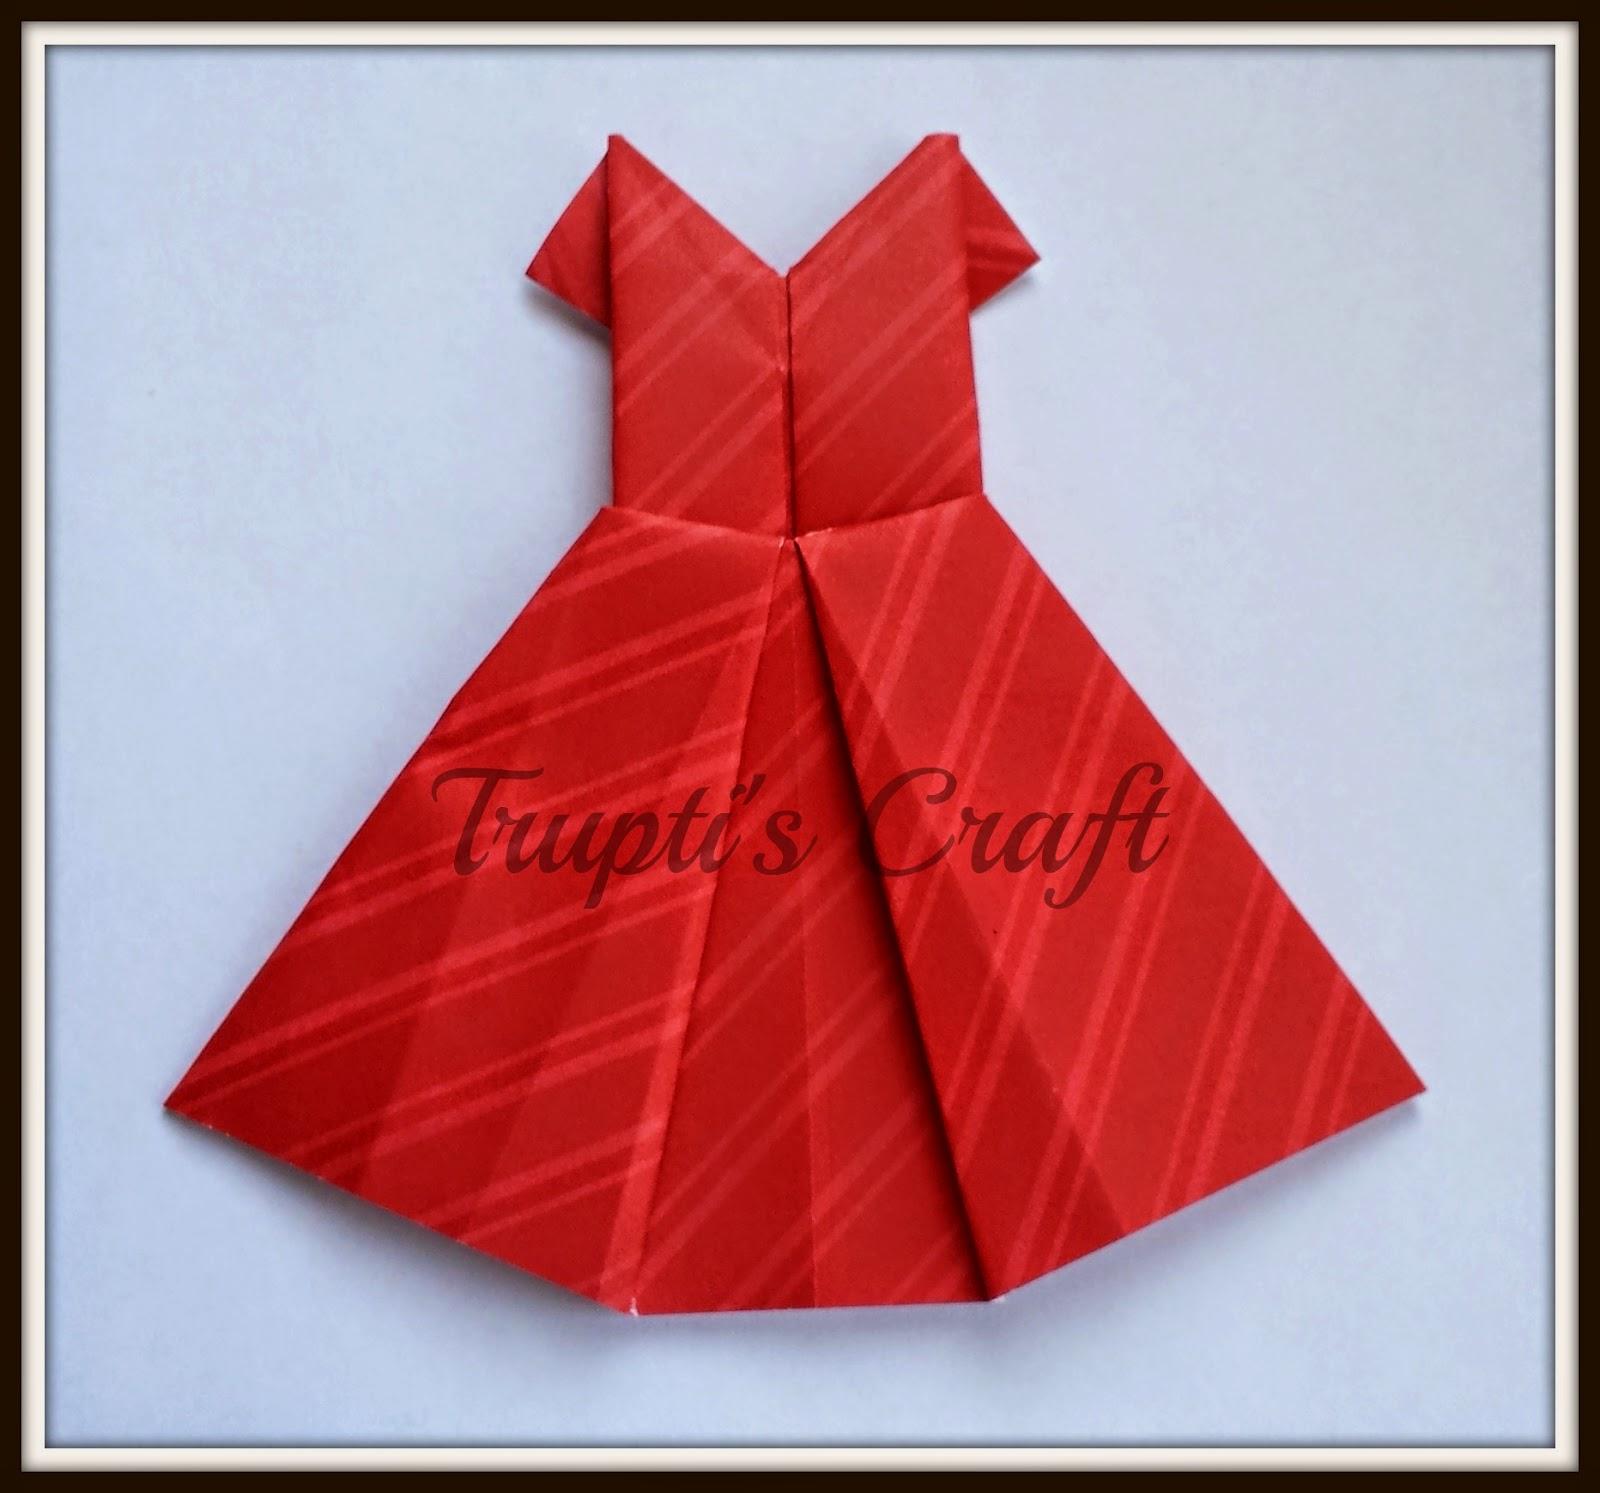 truptis craft origami dress